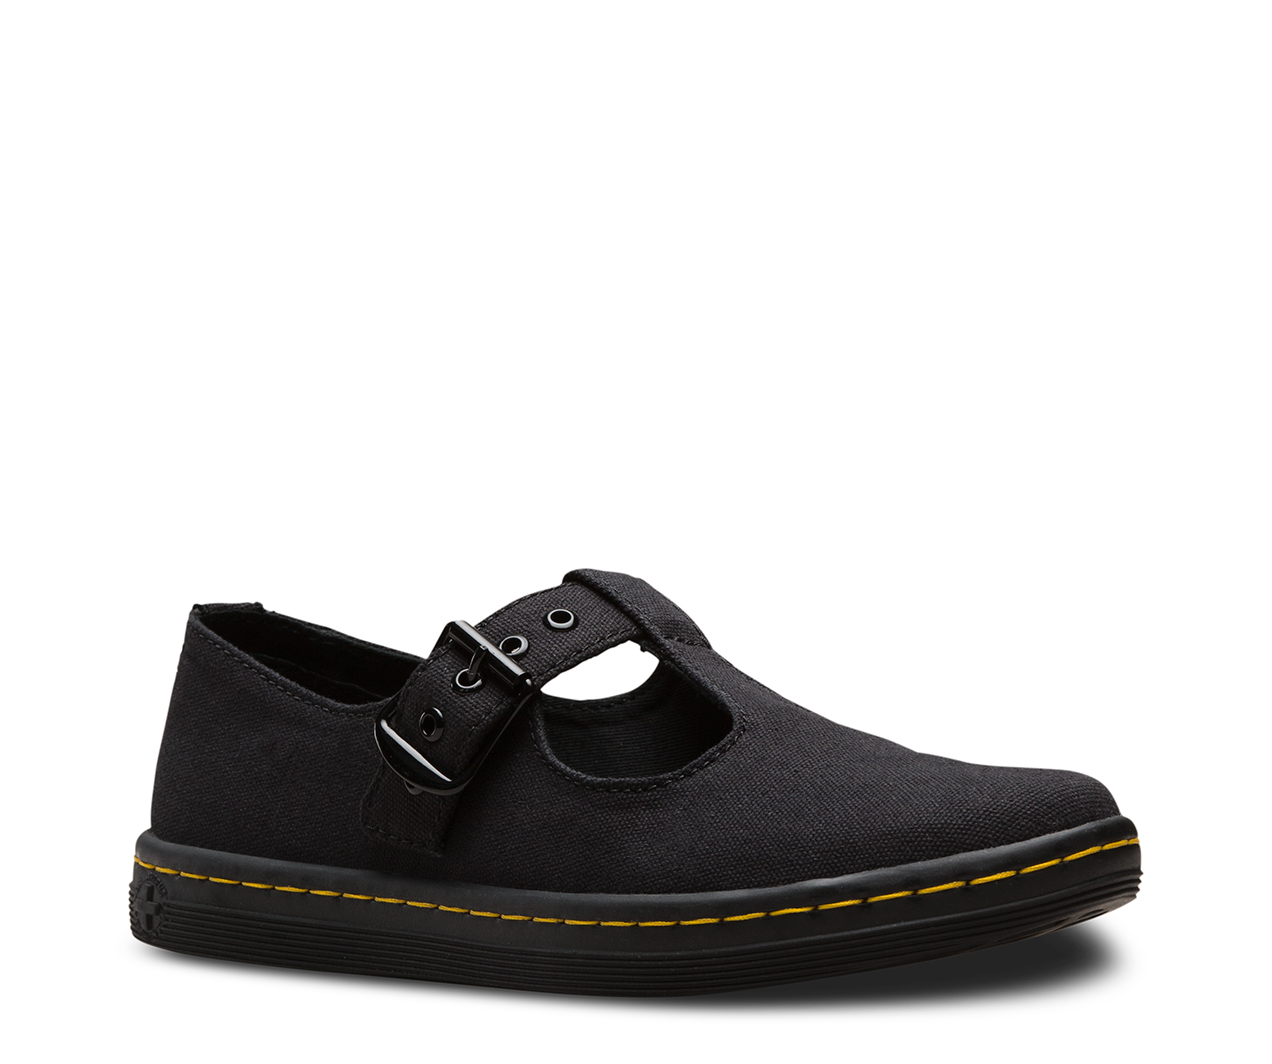 mila st  s nouveaux américain arrivants chaussures le magasin officiel américain nouveaux dr martens dfce42